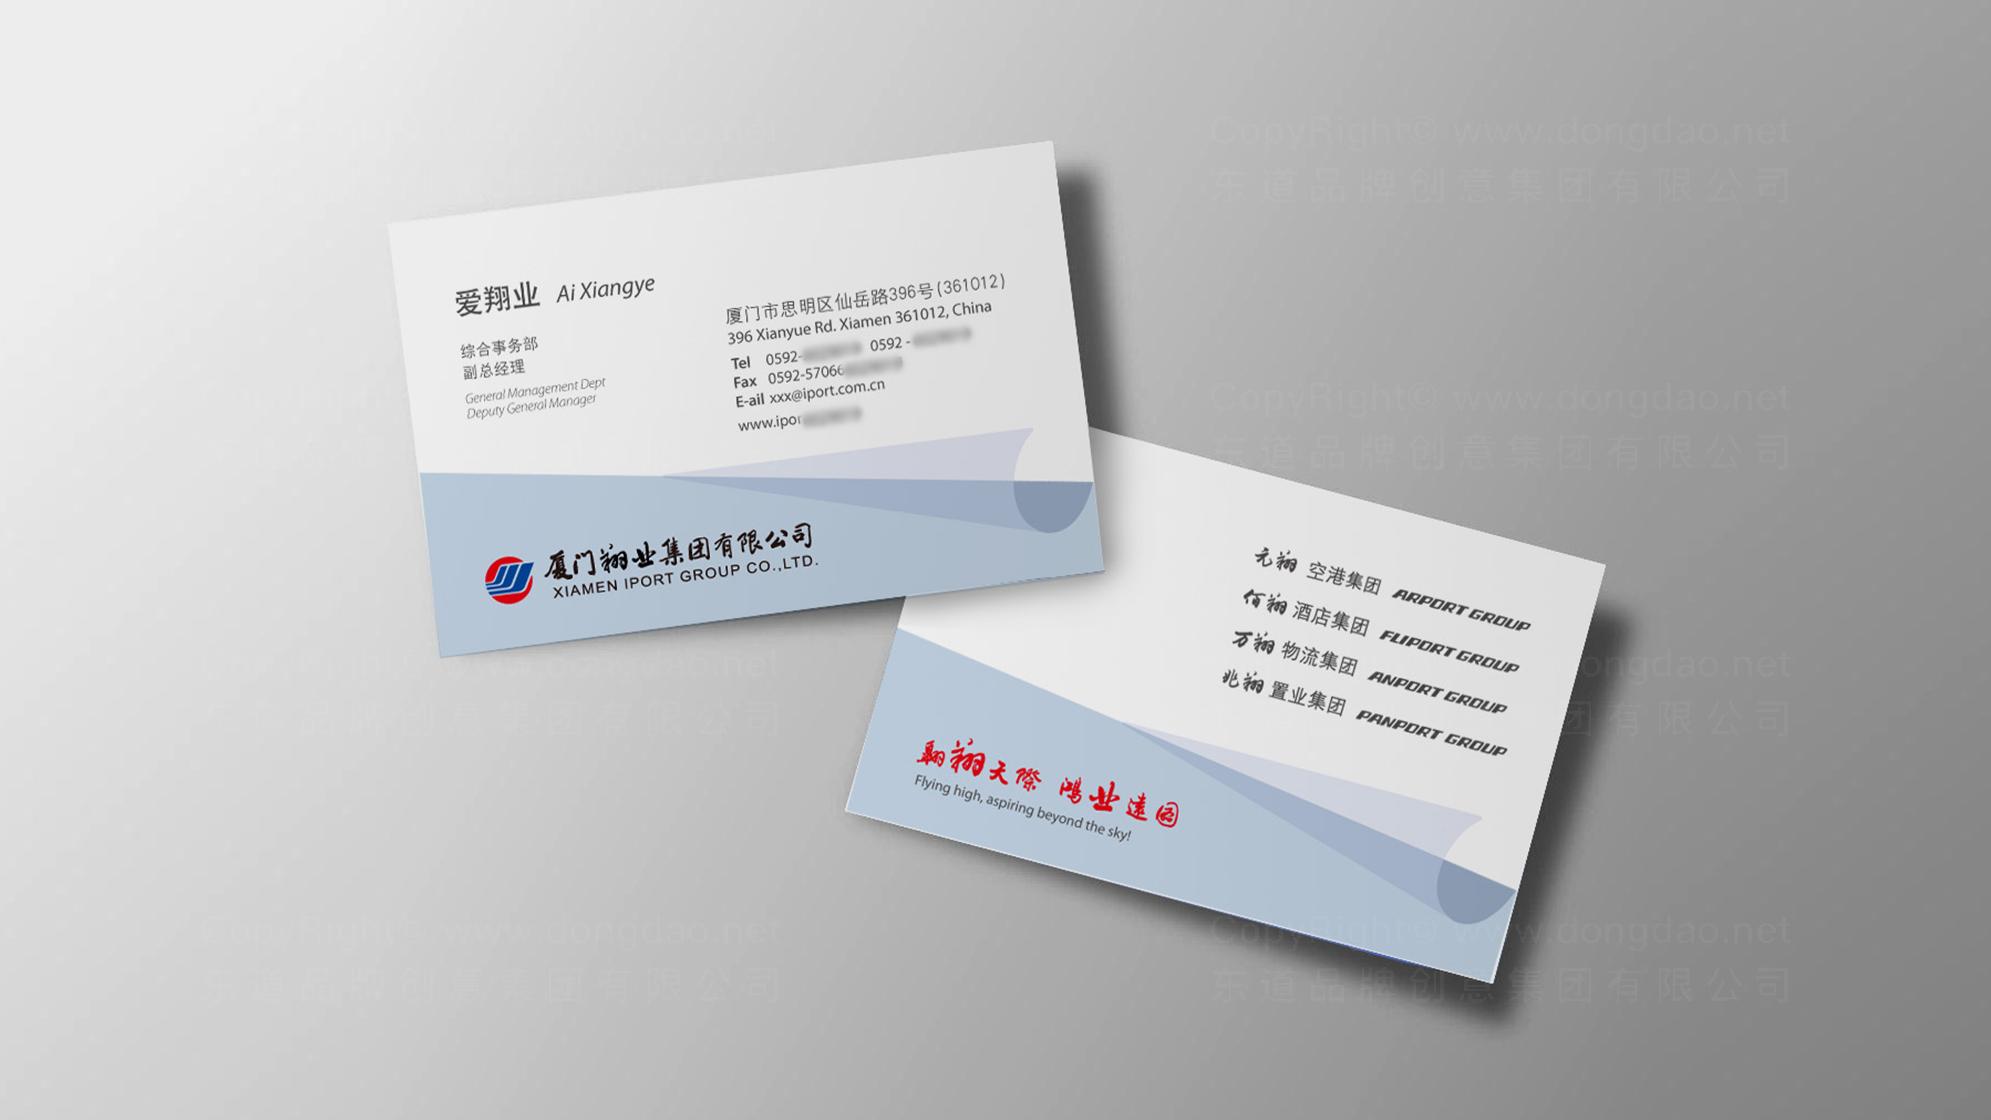 品牌设计翔业集团标志设计应用场景_2